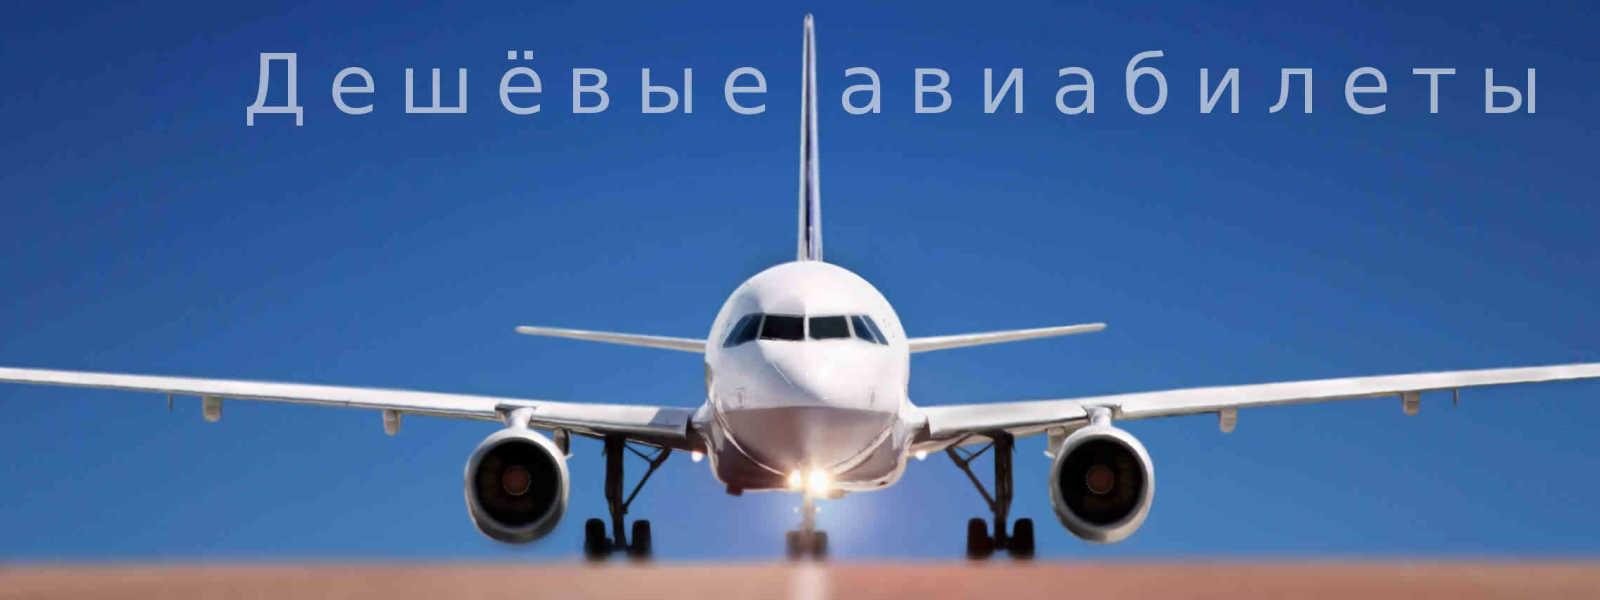 Купить дешеые авиабилеты авиабилеты на самолет купить онлайн